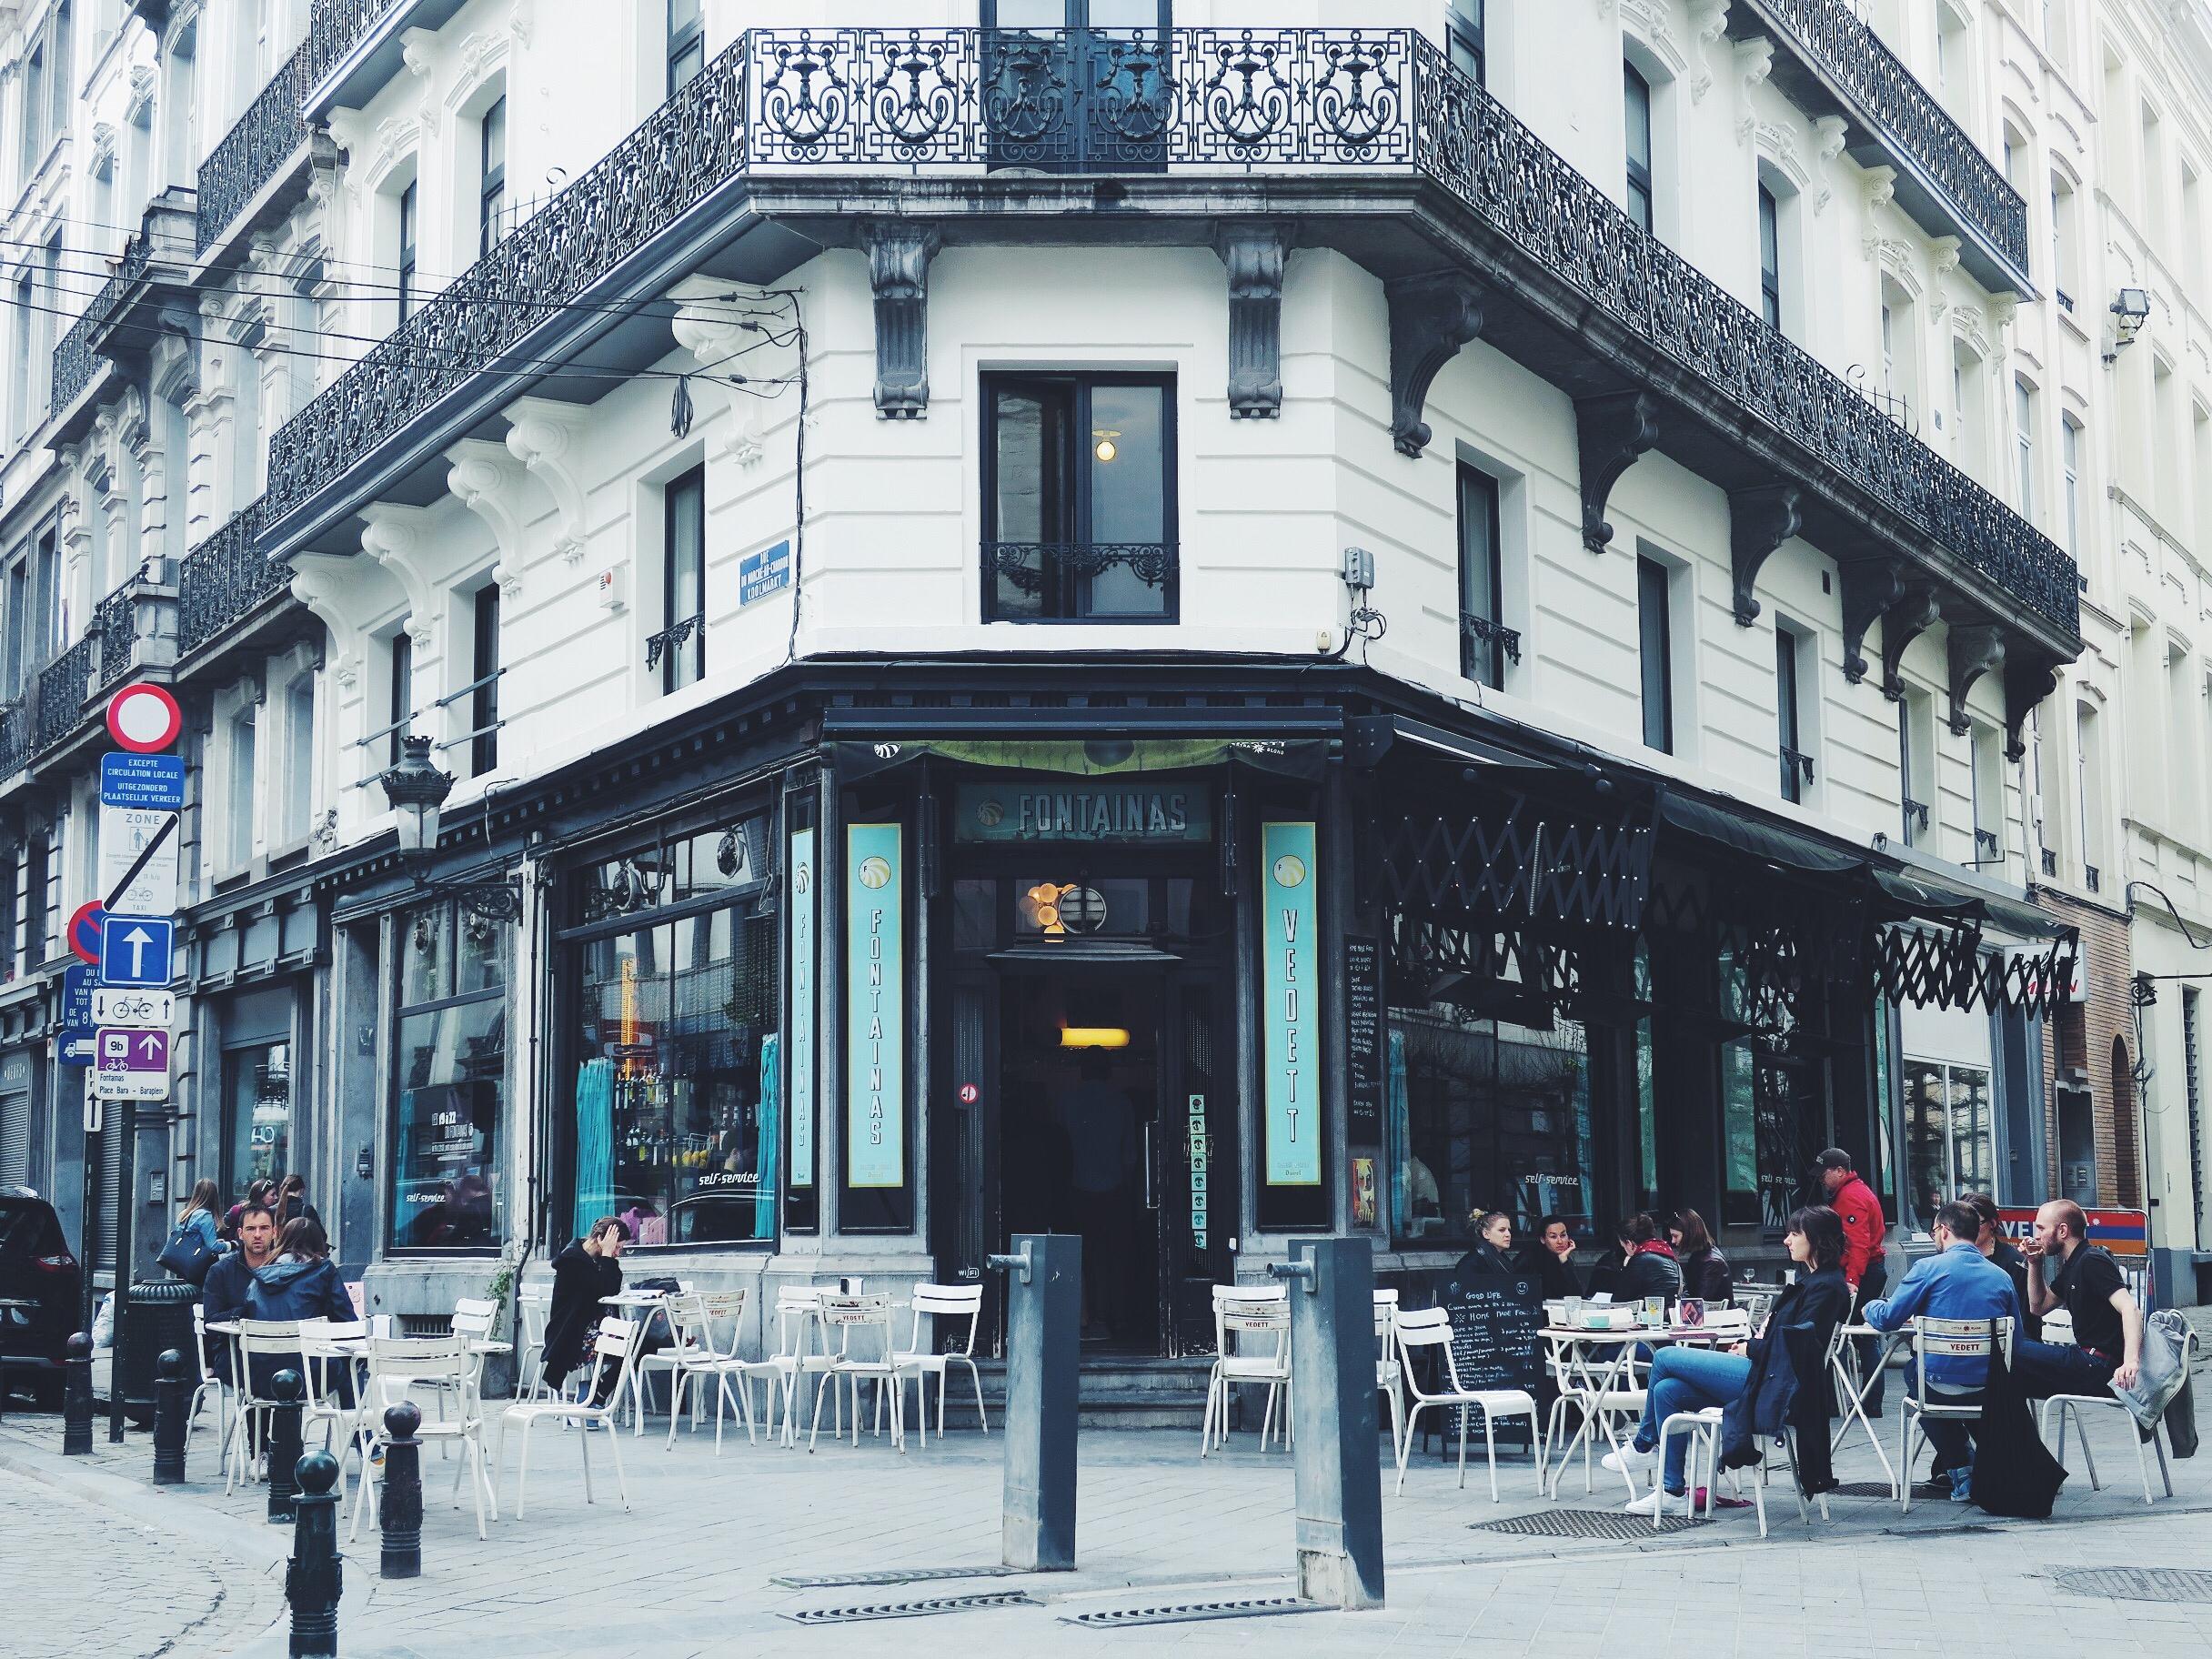 Le Fontainas, Rue du Marché au Charbon 91